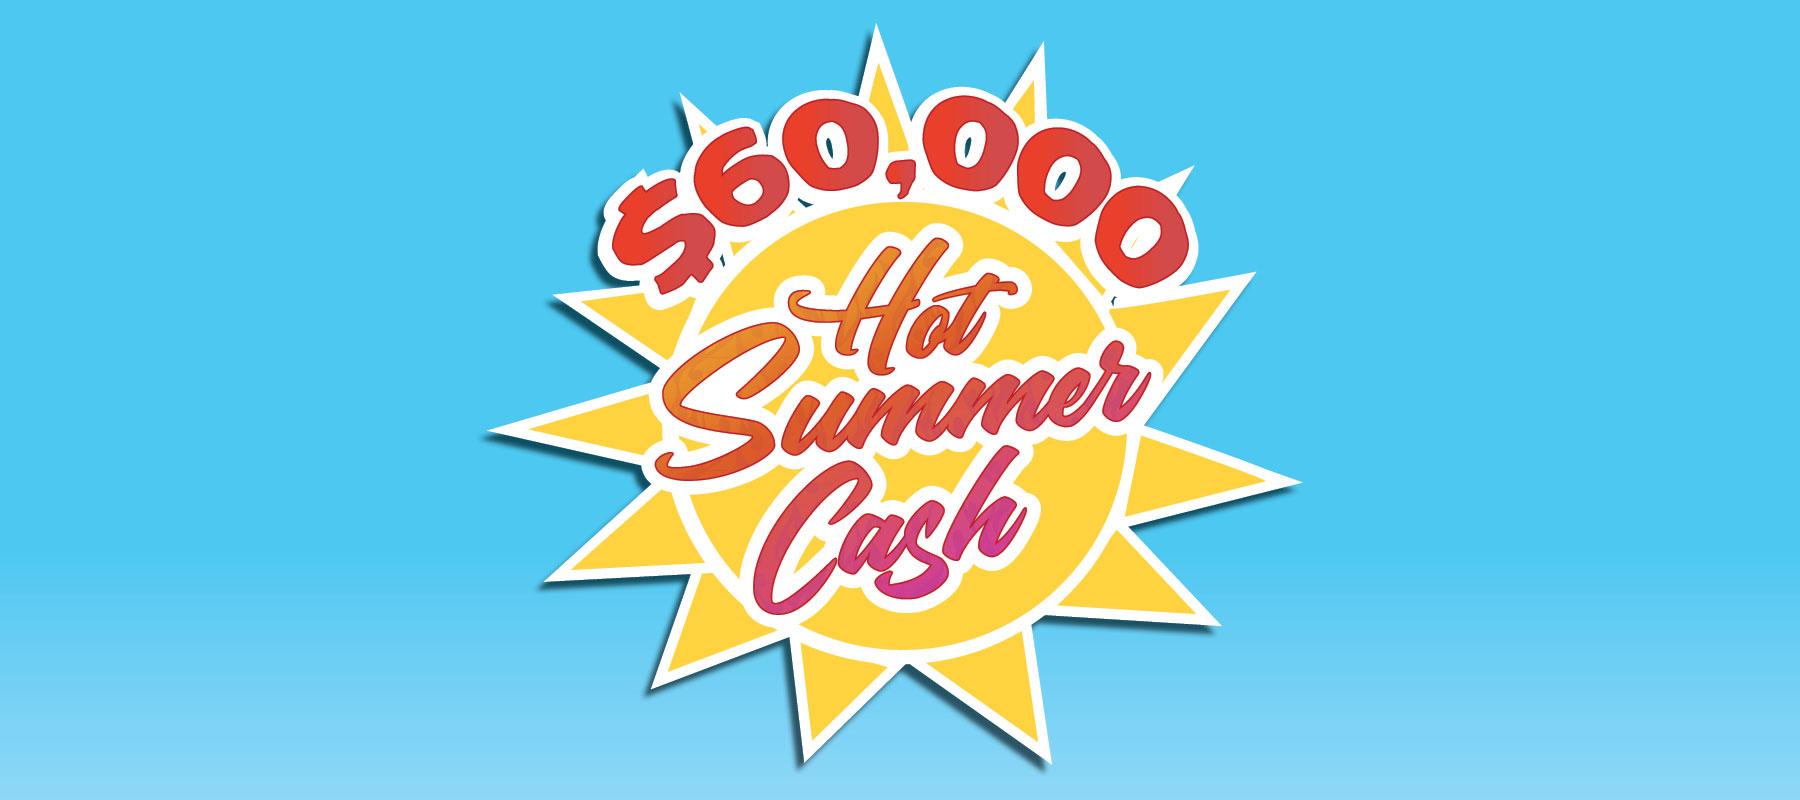 $60,000 Hot Summer Cash